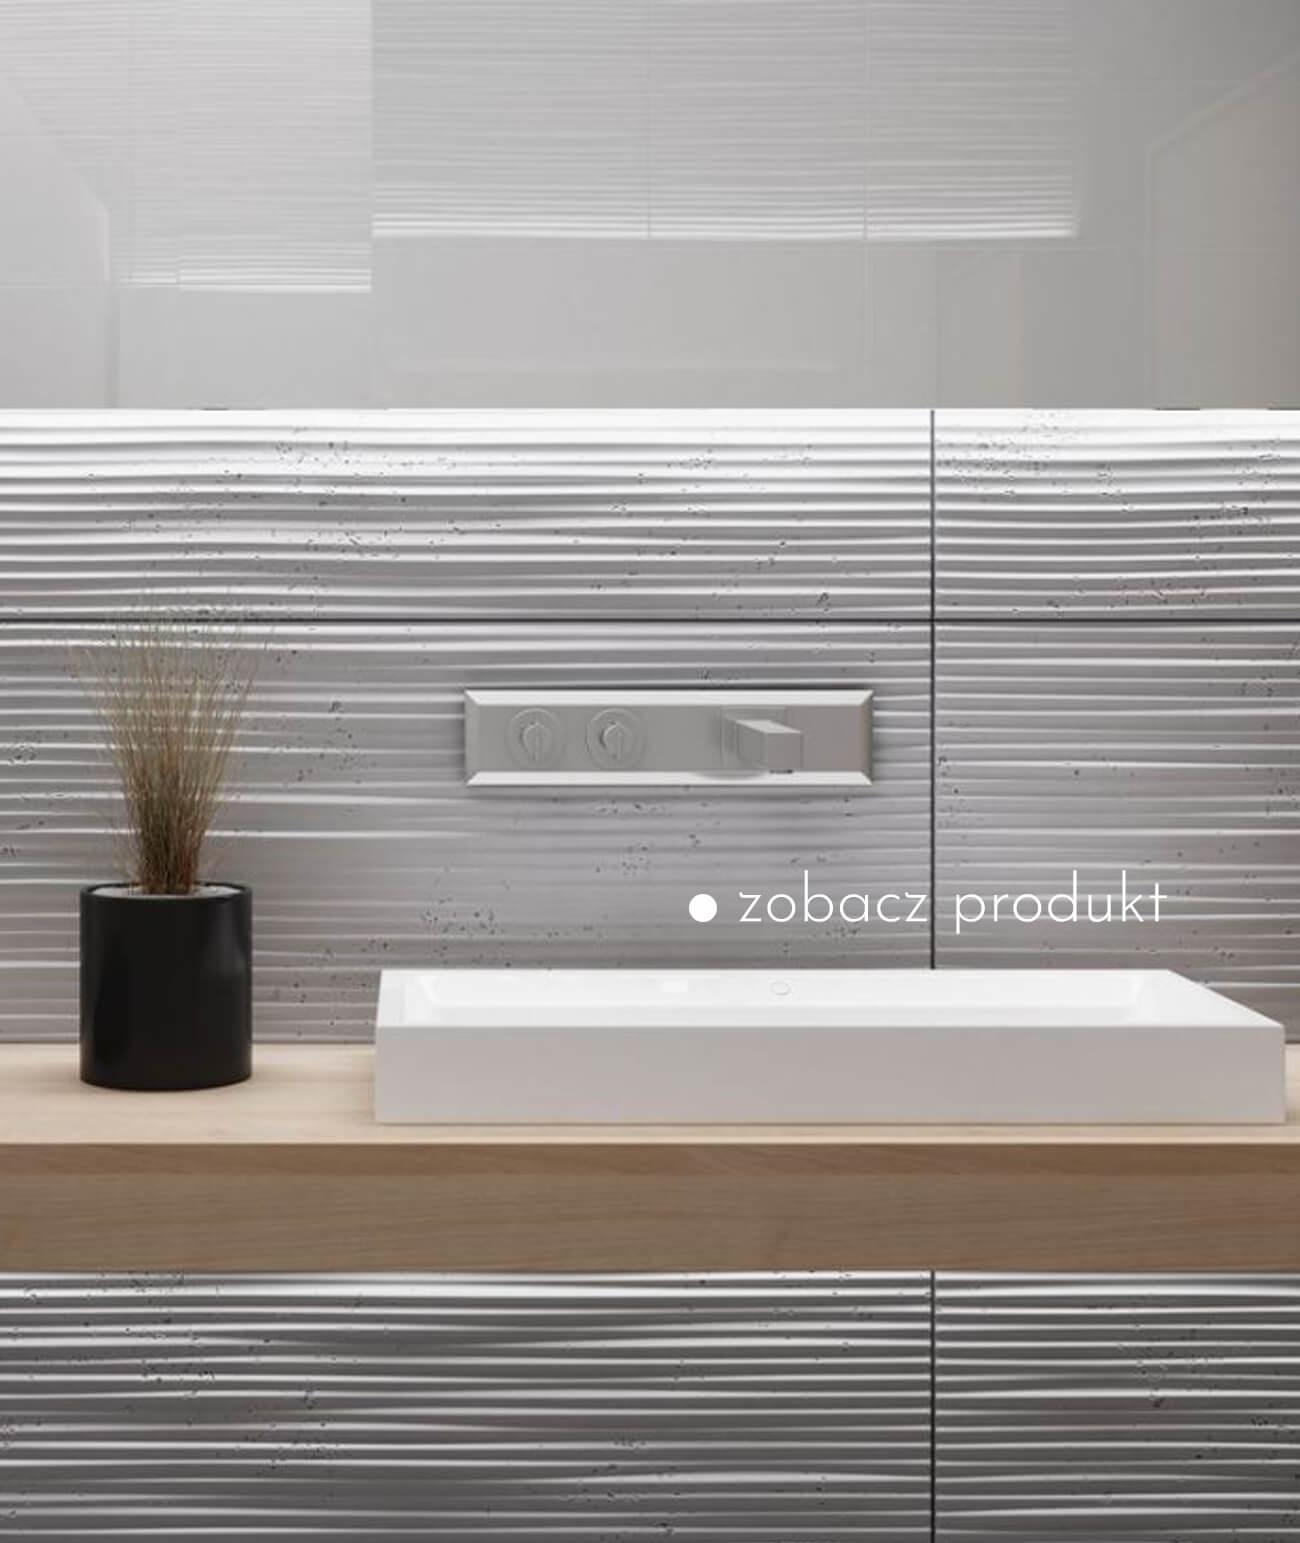 panele-betonowe-3d-scienne-i-elewacyjne-beton-architektoniczny_842-19510-pb23-bs-sniezno-bialy-fala-2---panel-dekor-3d-beton-architektoniczny-panel-scienny